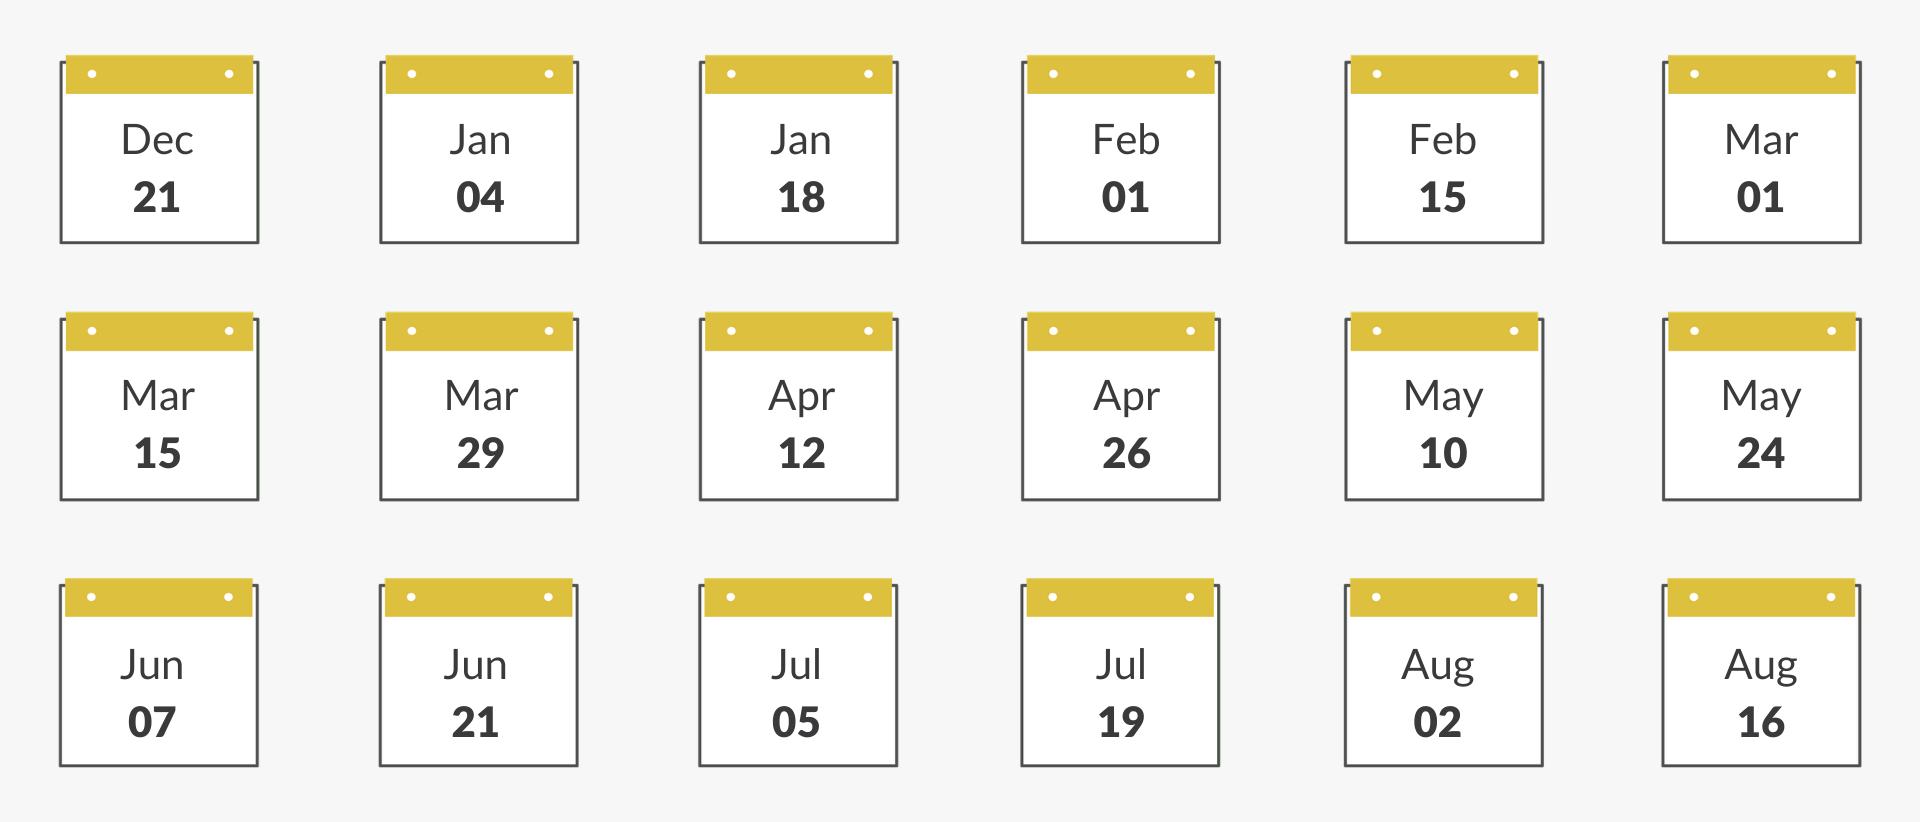 REM dates__new_Dec 21